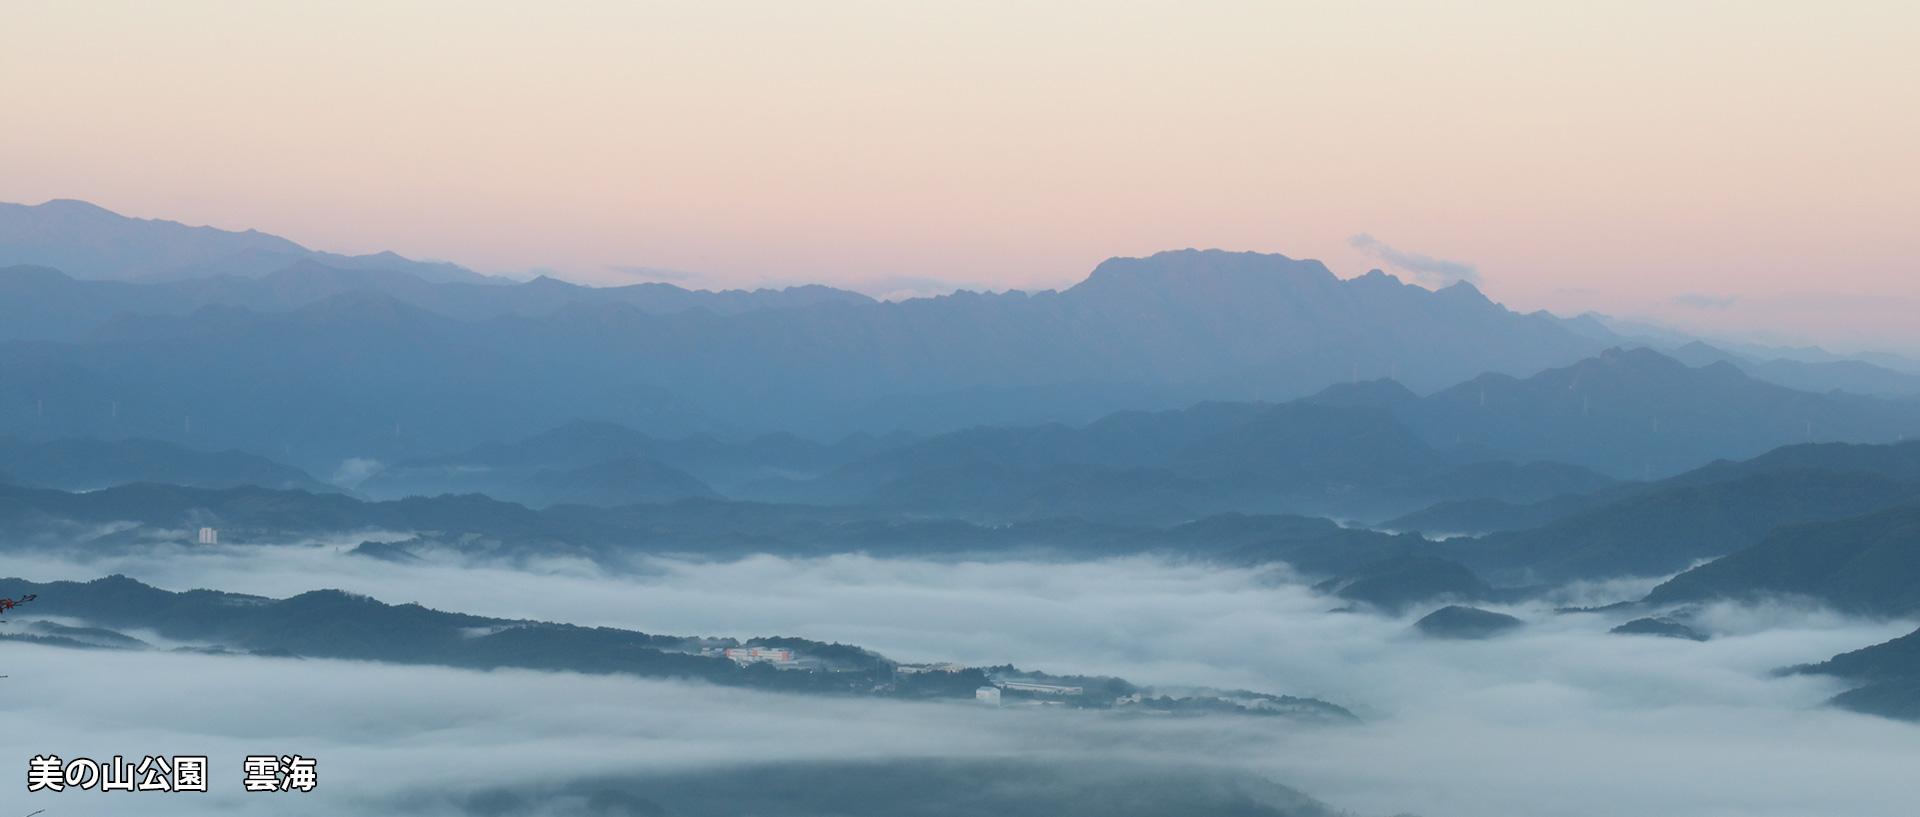 美の山公園 雲海